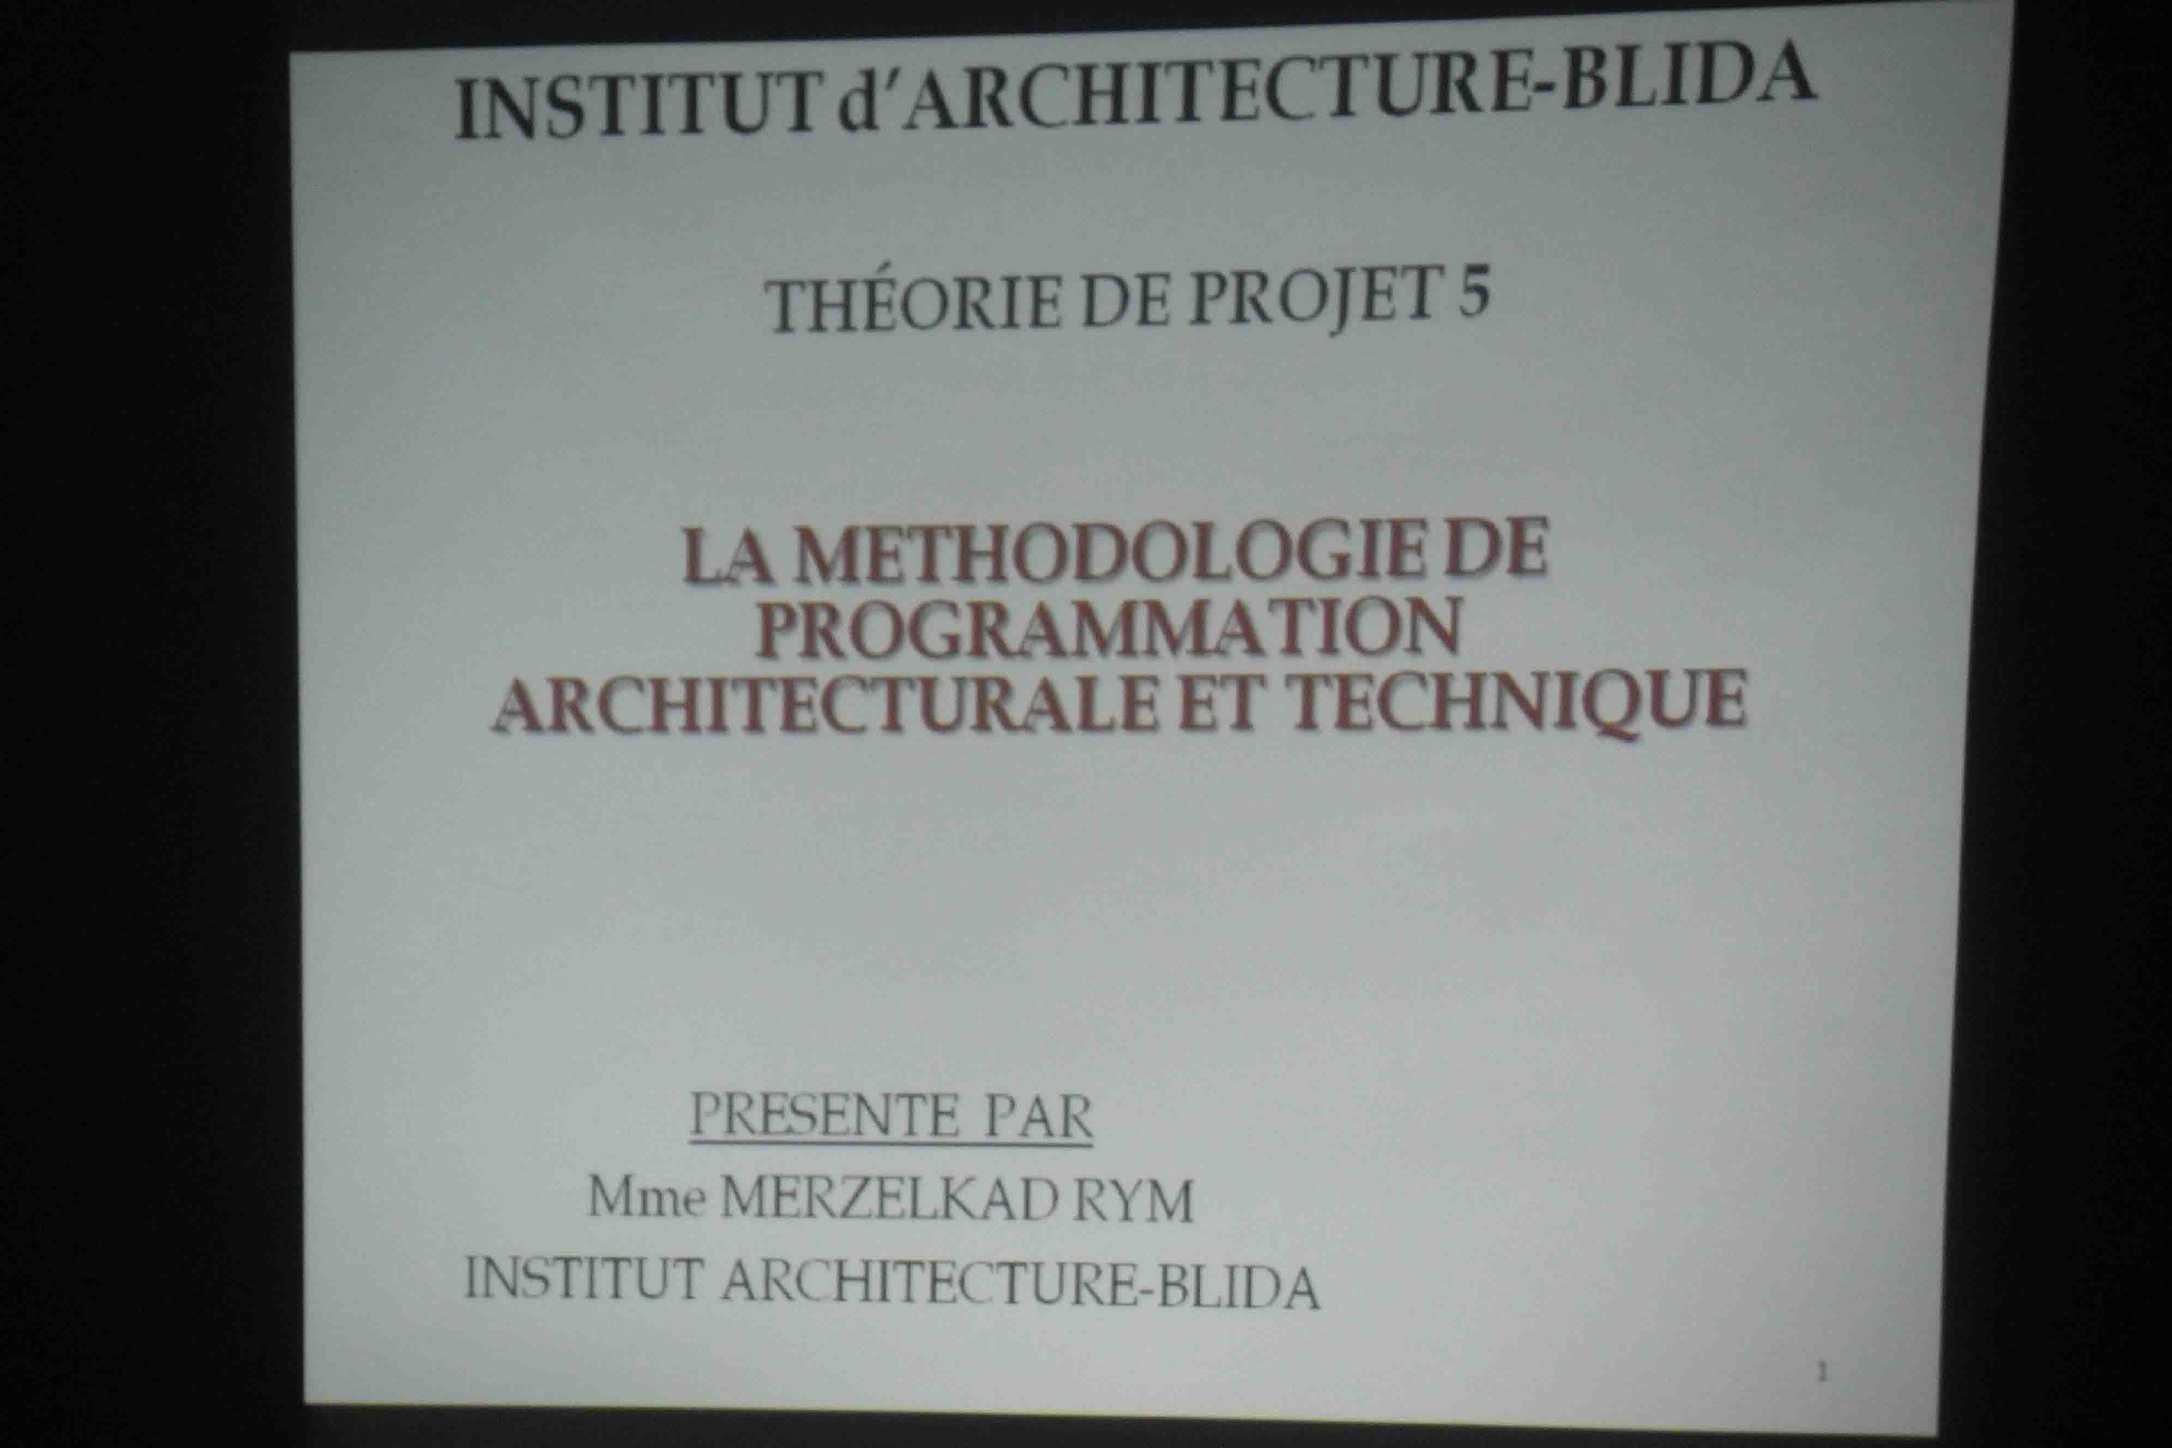 la methodologie de programmation architecturale et technique